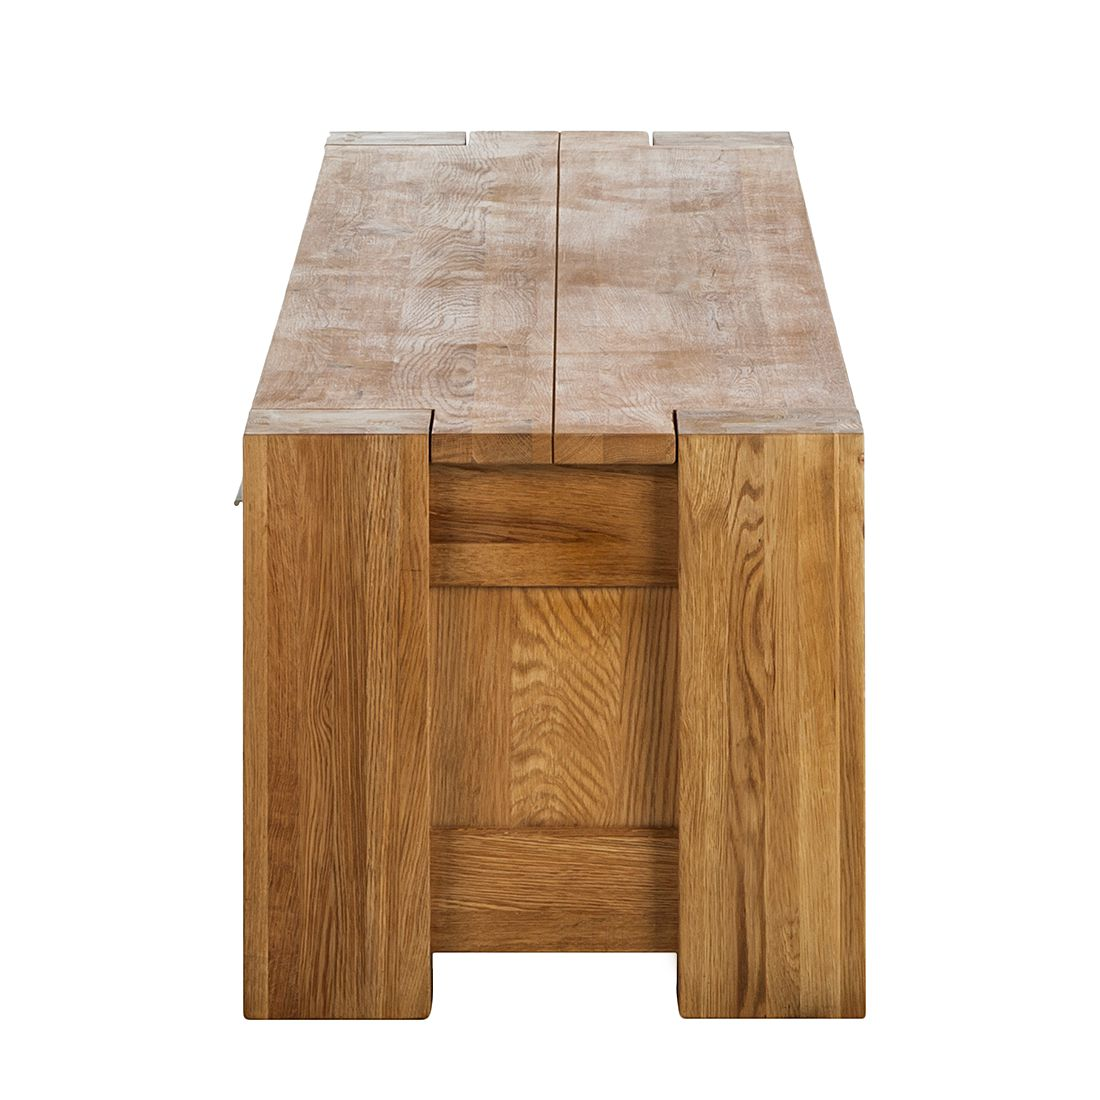 massivholz eiche with massivholz eiche eiche tischplatte cm rund auf ma with massivholz eiche. Black Bedroom Furniture Sets. Home Design Ideas